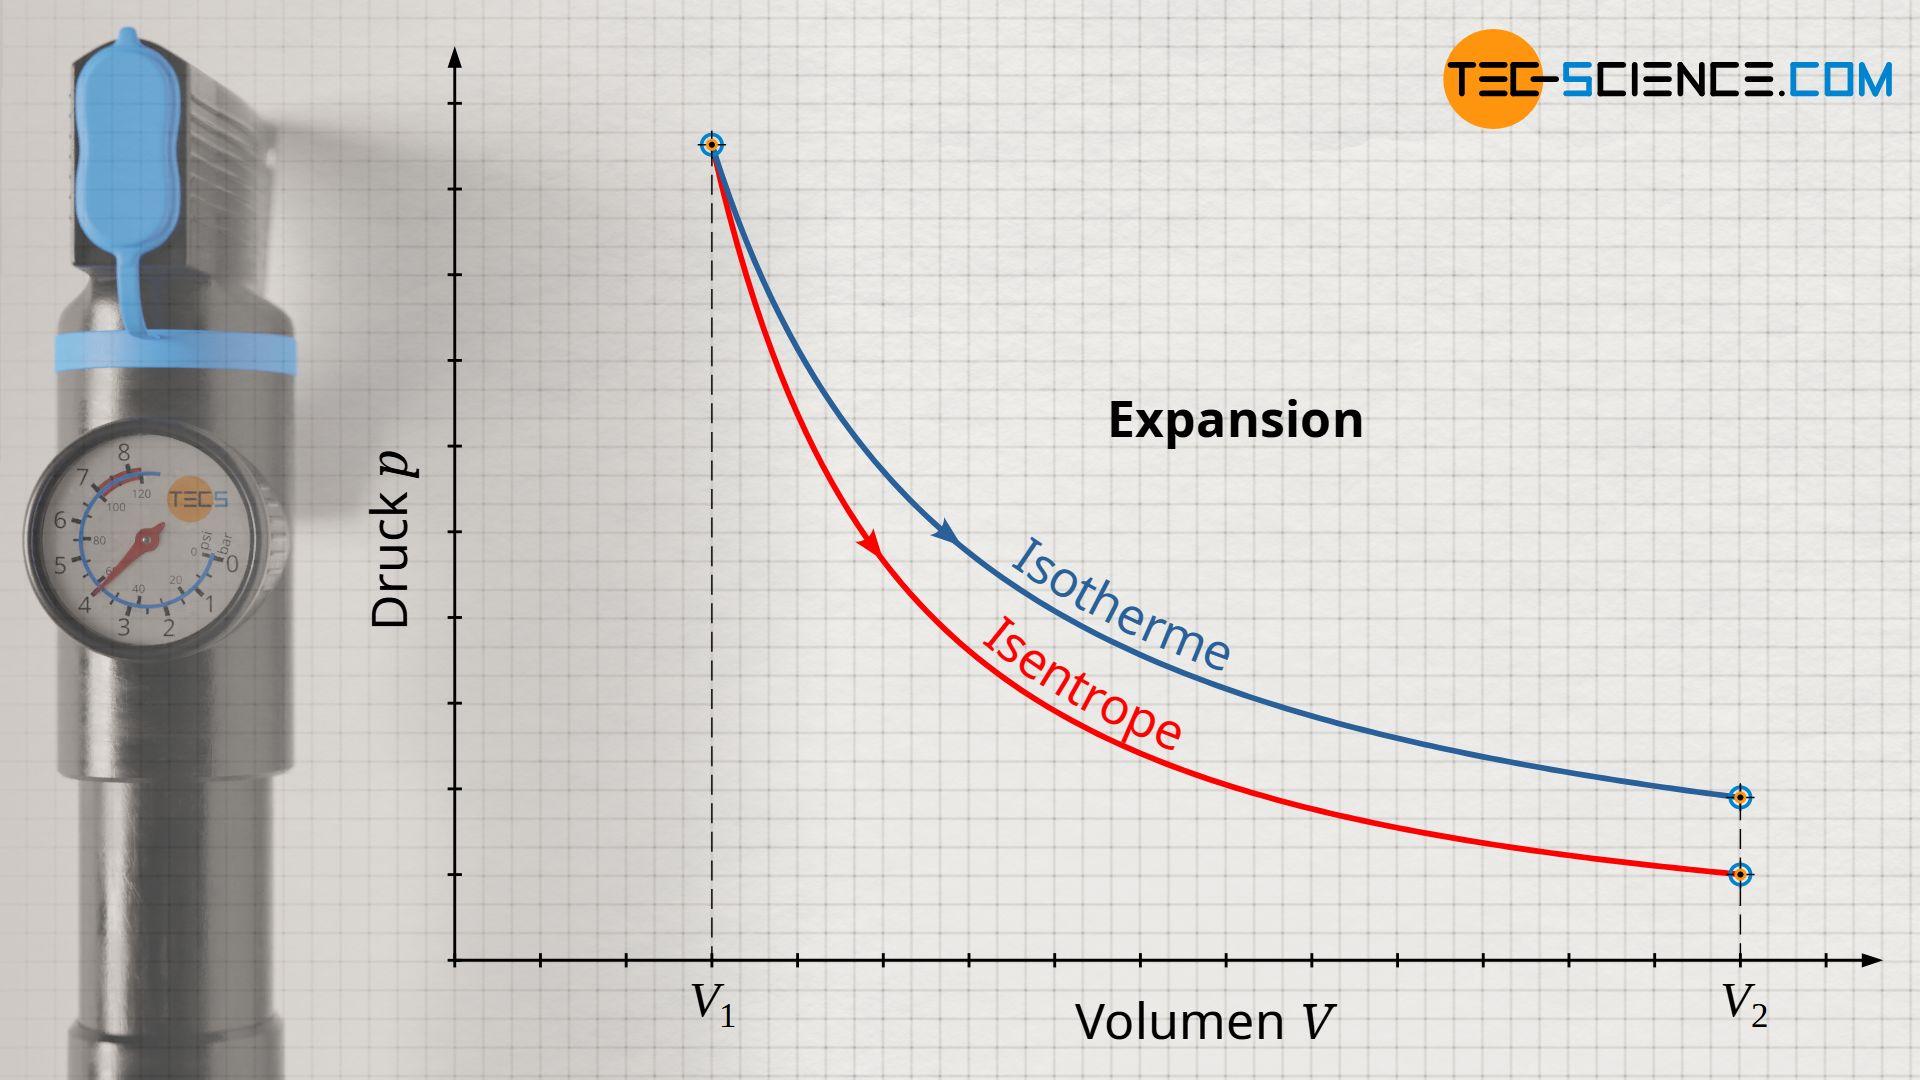 Vergleich einer isothermen und einer isentropen Expansion im Volumen-Druck-Diagramm